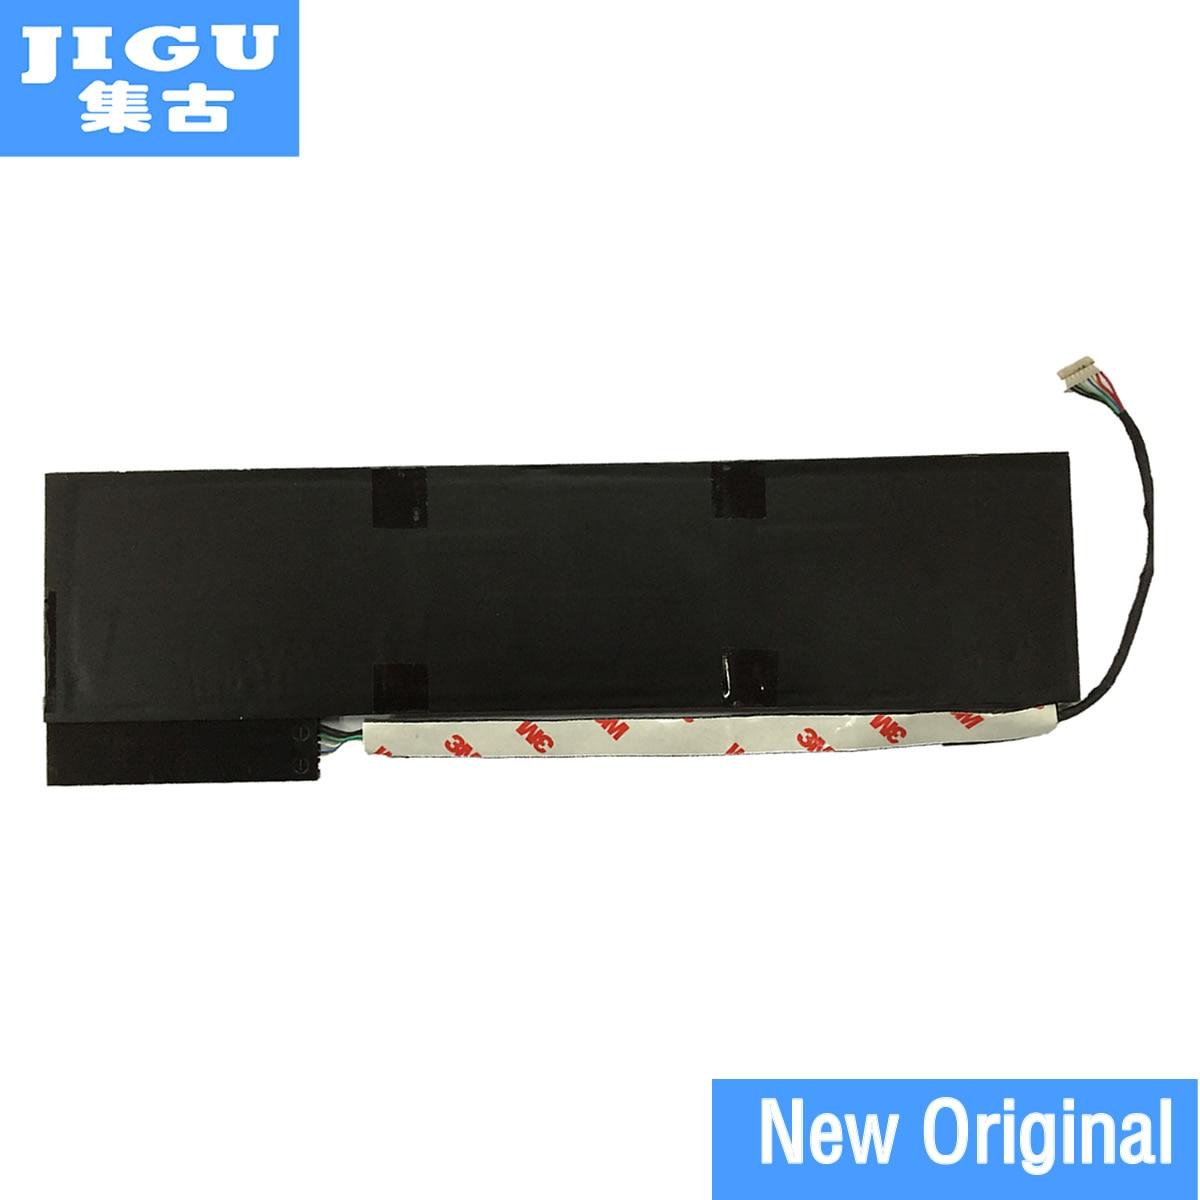 JIGU AP13C3I Batterie d'ordinateur portable D'origine Pour ACER AP13C3I 3ICP7/67/90 batteries 11.1 v 4850 mah